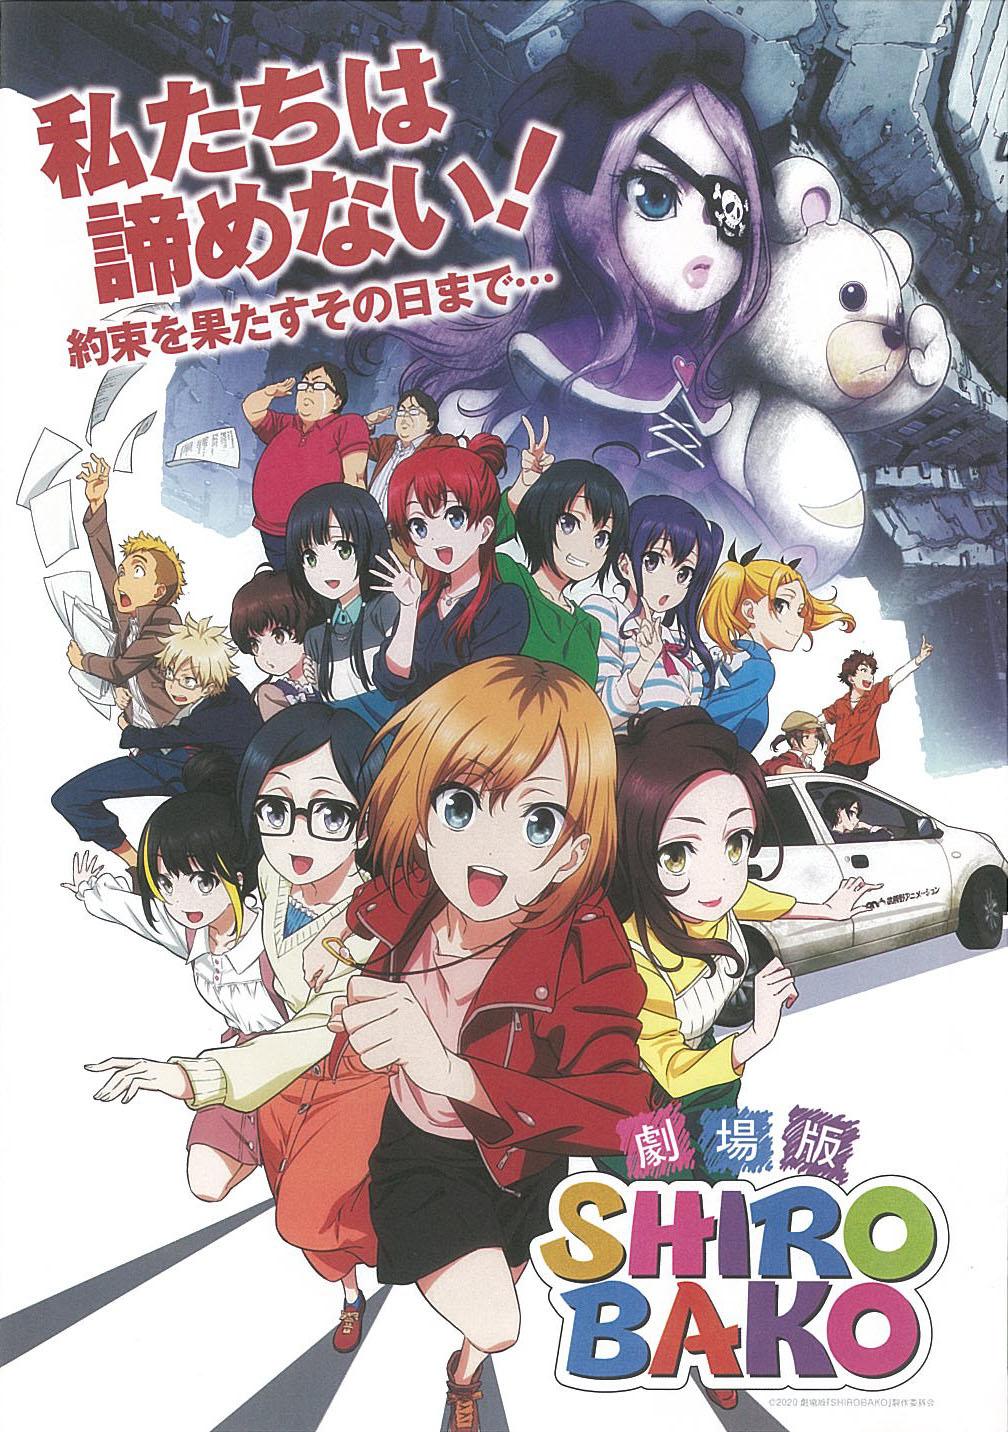 映画チラシ 劇場版 Shirobako 映画がもっと面白くなる映画情報サイト ムビッチ